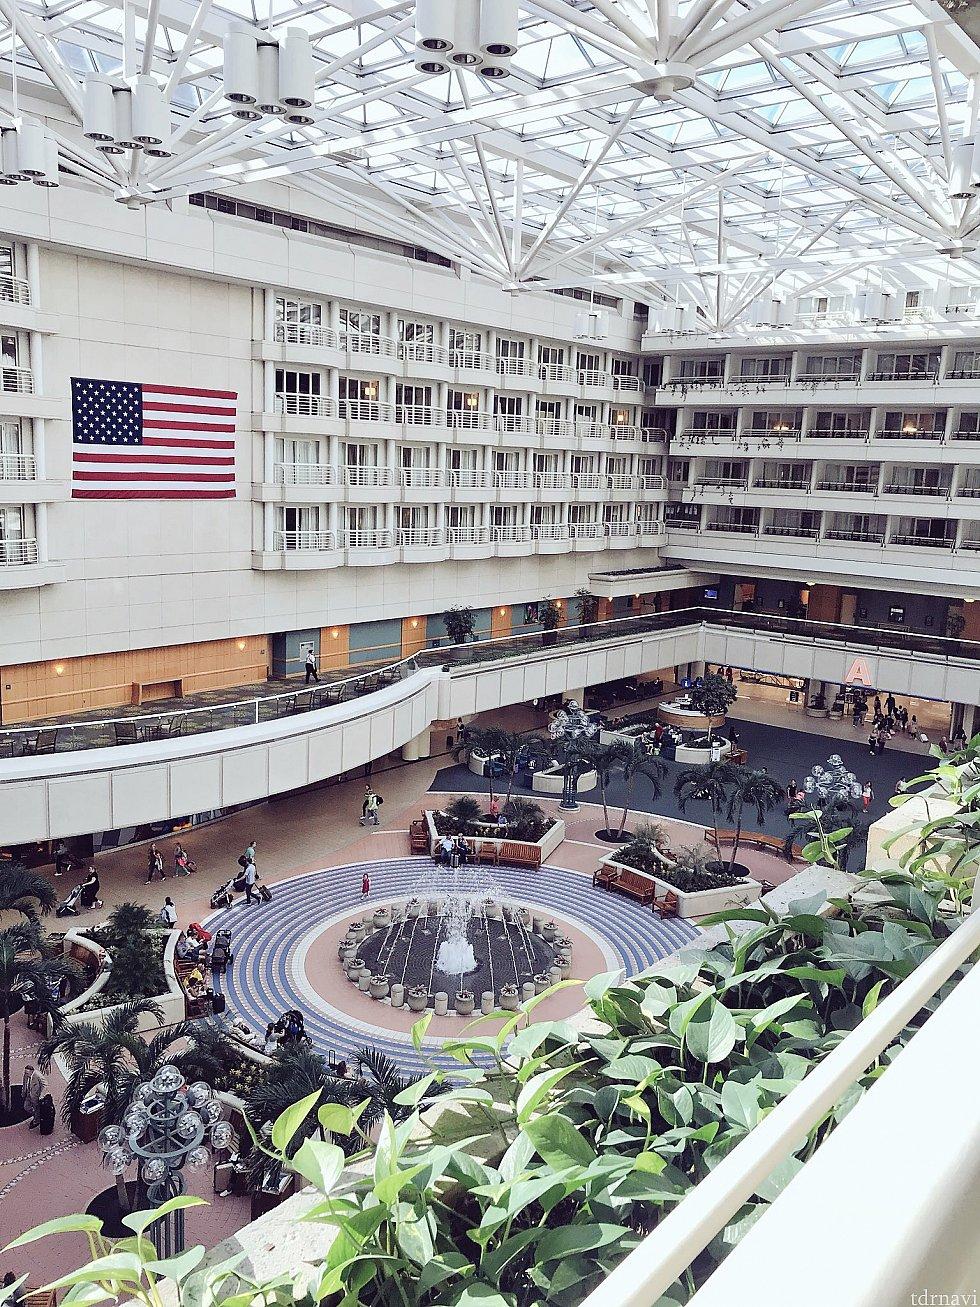 部屋の外、バルコニーに出ると…空港内がすぐ見えました。空港直結というより空港内、真上にある感じです。ディズニーストアもすぐ真下です。